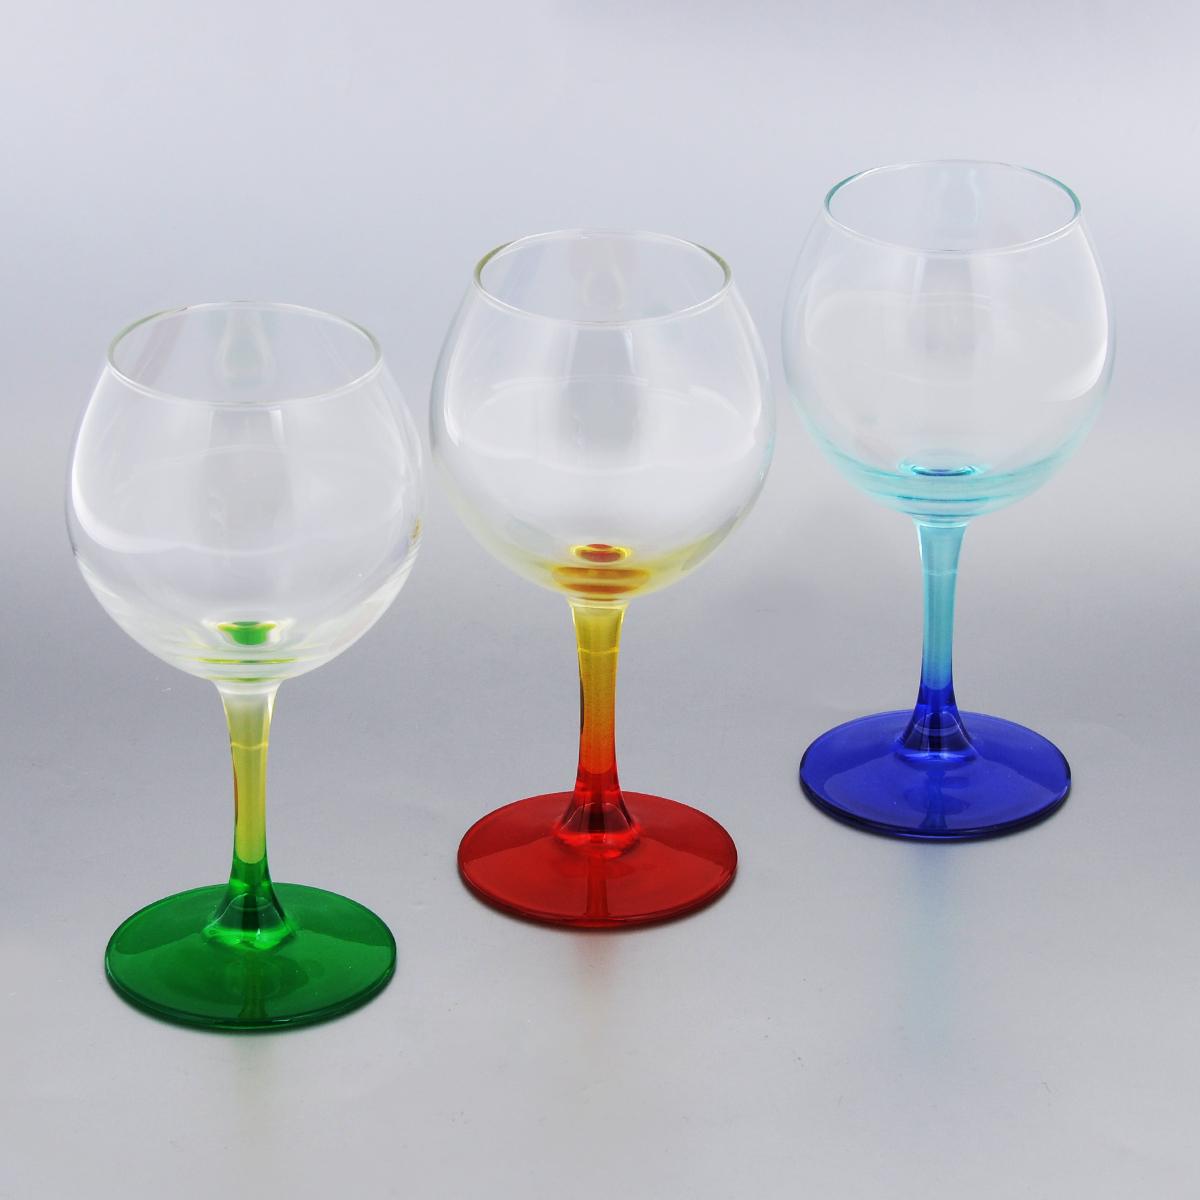 Набор фужеров для вина Luminarc Duos, 280 мл, 3 штH8362Набор Luminarc Duos состоит из трех классических фужеров, выполненных из прочного стекла. Изделия оснащены высокими цветными ножками и предназначены для подачи вина. Они сочетают в себе элегантный дизайн и функциональность. Благодаря такому набору пить напитки будет еще вкуснее. Набор фужеров Luminarc Duos прекрасно оформит праздничный стол и создаст приятную атмосферу за романтическим ужином. Такой набор также станет хорошим подарком к любому случаю. Можно мыть в посудомоечной машине. Диаметр фужера (по верхнему краю): 6 см. Высота фужера: 16,3 см.